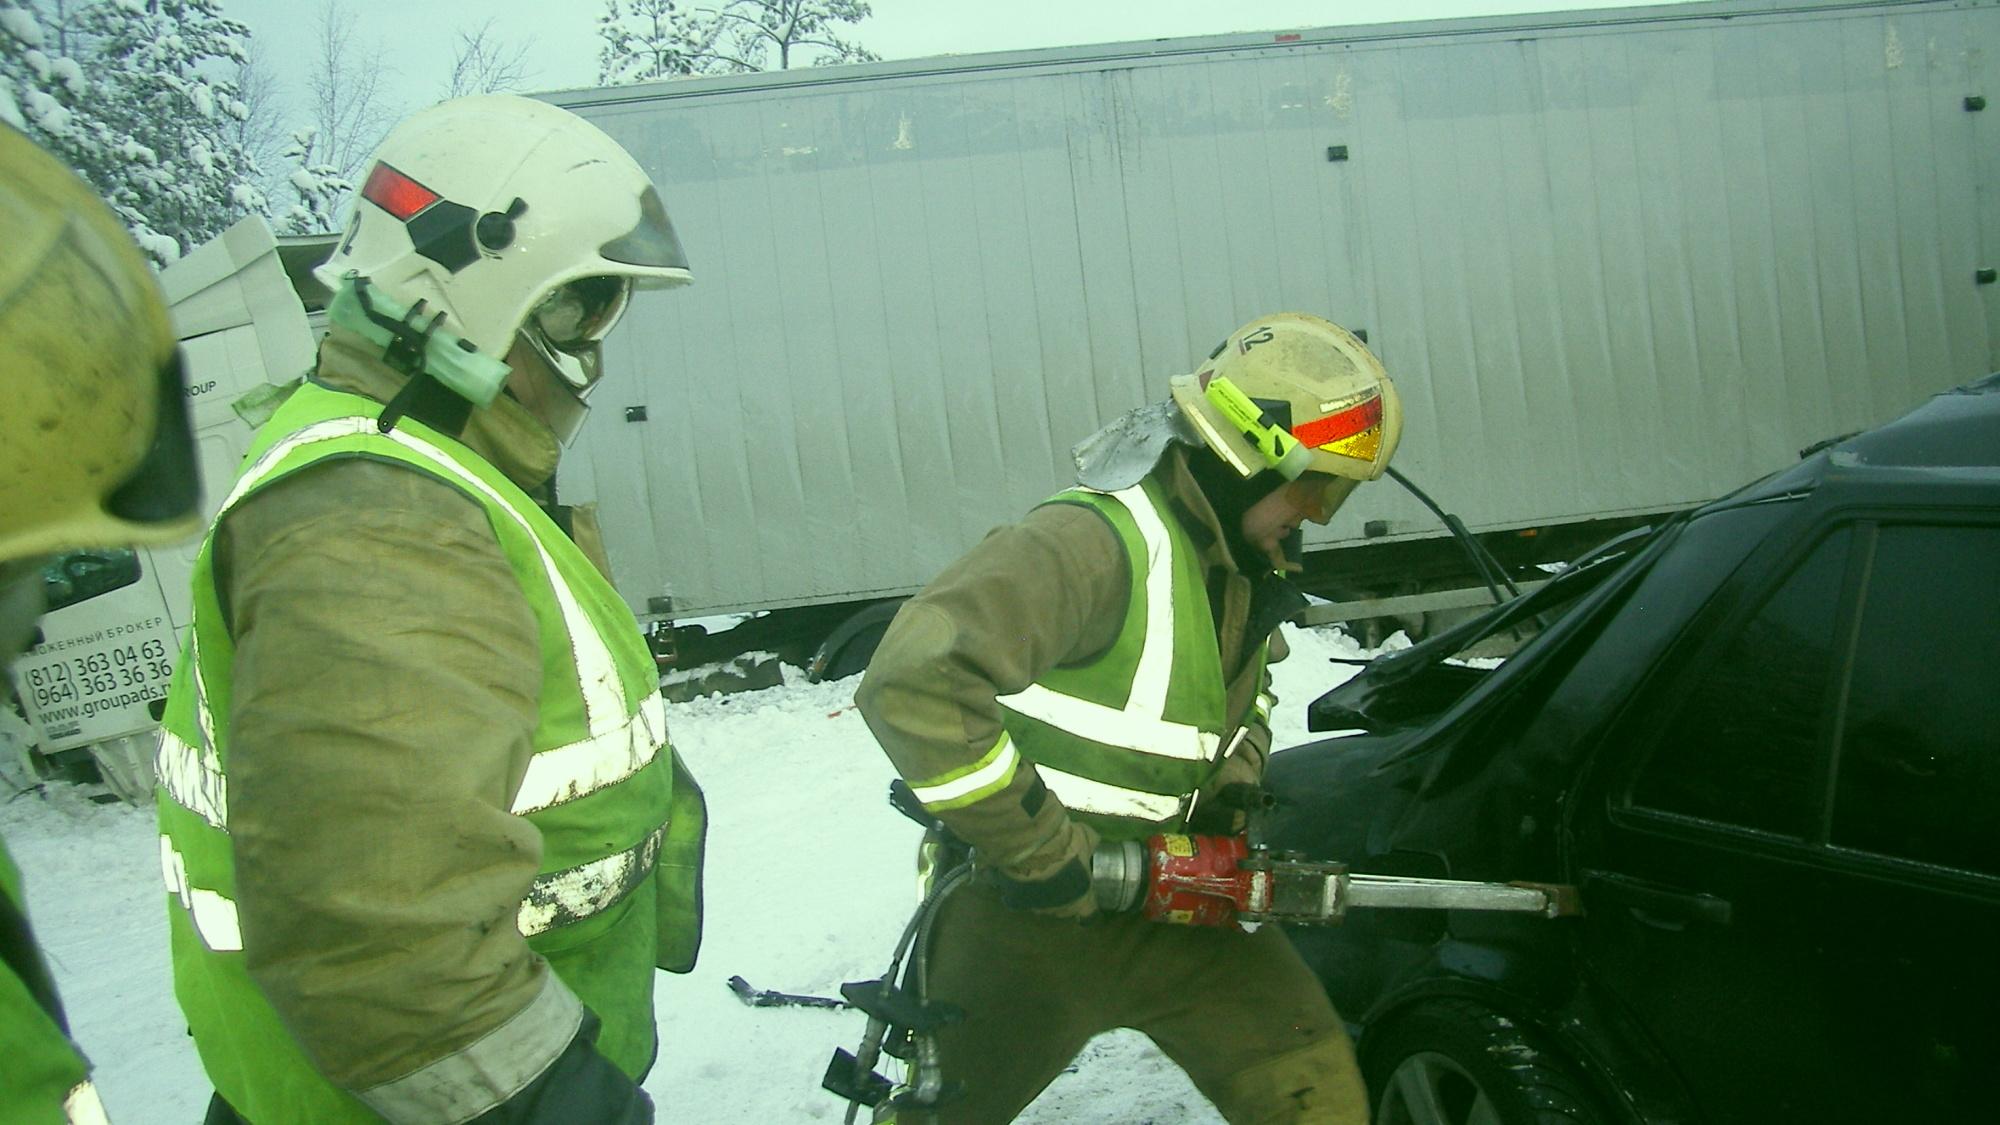 Пожарно-спасательное подразделение привлекалось для ликвидации ДТП в Кемском районе.